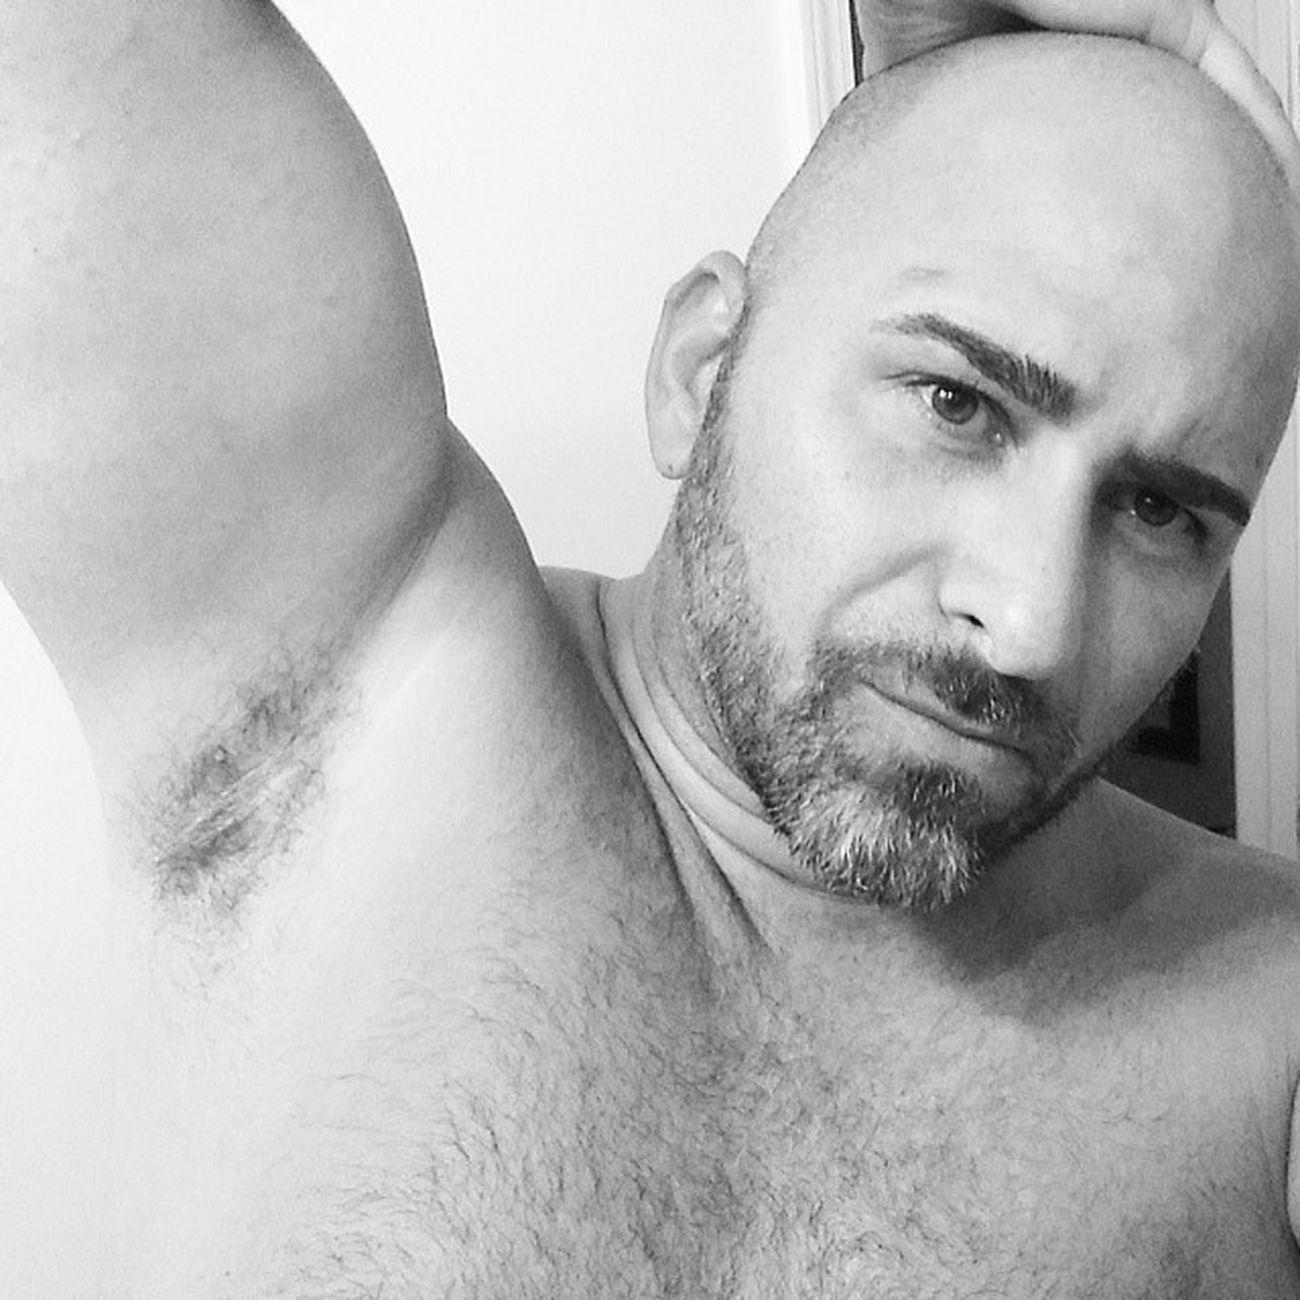 Still too serious? Puertorican TBT  Gayrican Gayscruff gayman gayitalian gaysingles gaypapi gaywolf gaymarriage gaystagramer gaycharlotte happy soulmate selfies gayboricua gaylove photoftheday